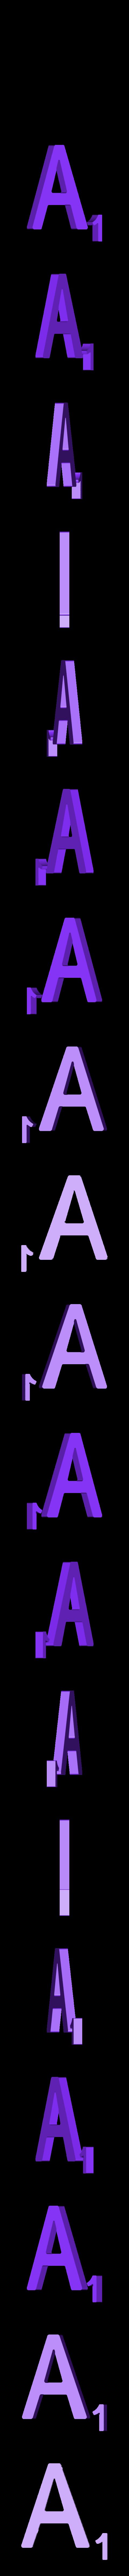 Dual_Letter_A.STL Télécharger fichier STL gratuit Pièces et support SCRABBBLE • Design pour imprimante 3D, Balkhagal4D